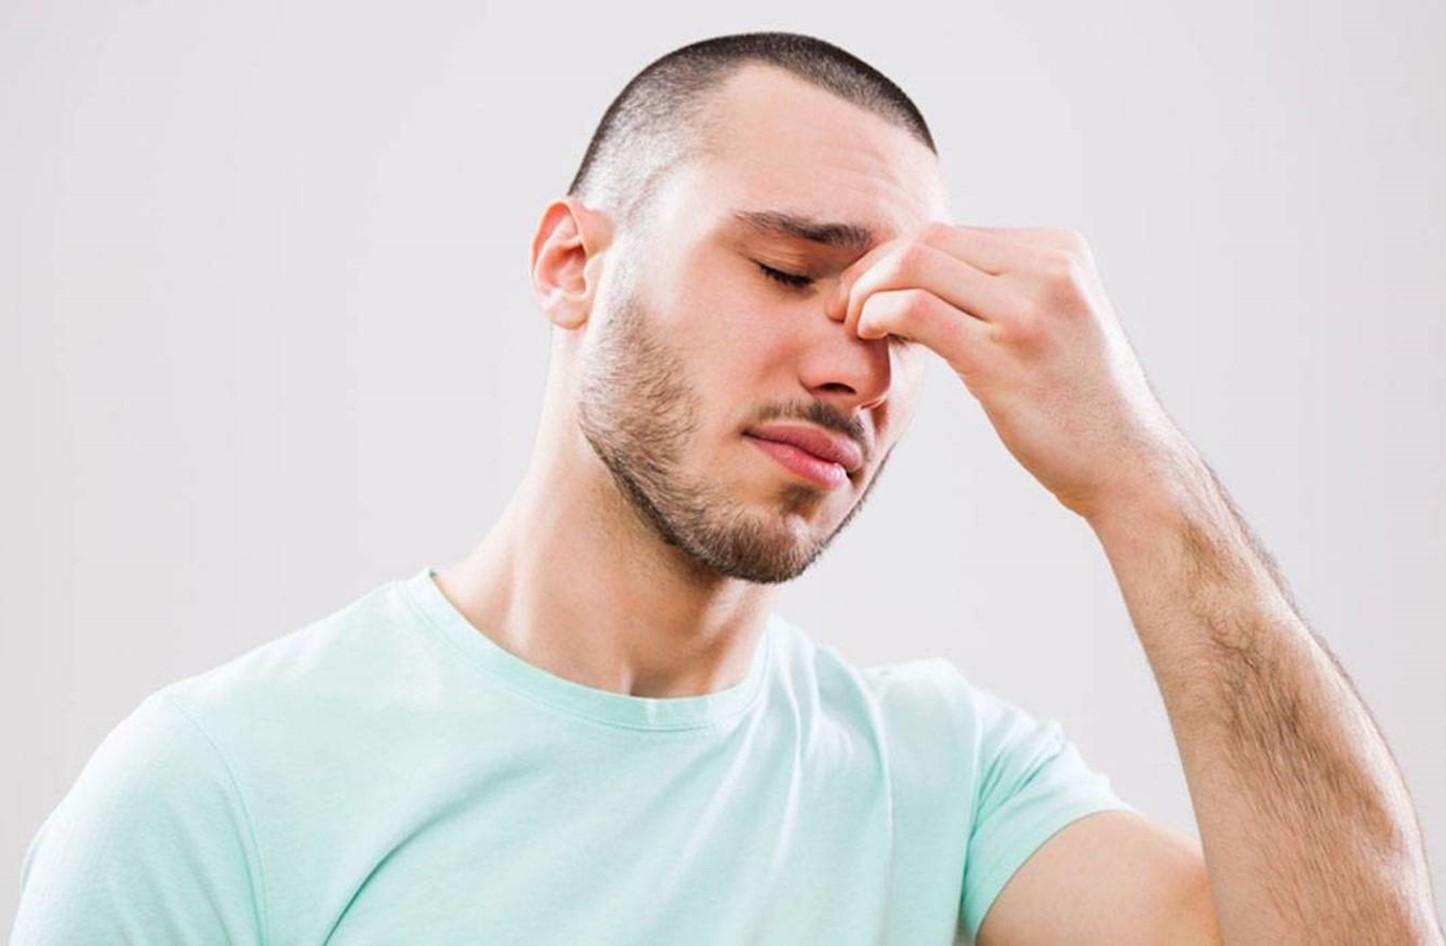 علاج التهاب الجيوب الانفية بأفضل الادوية ذات فاعلية في التخفيف من اعراضها